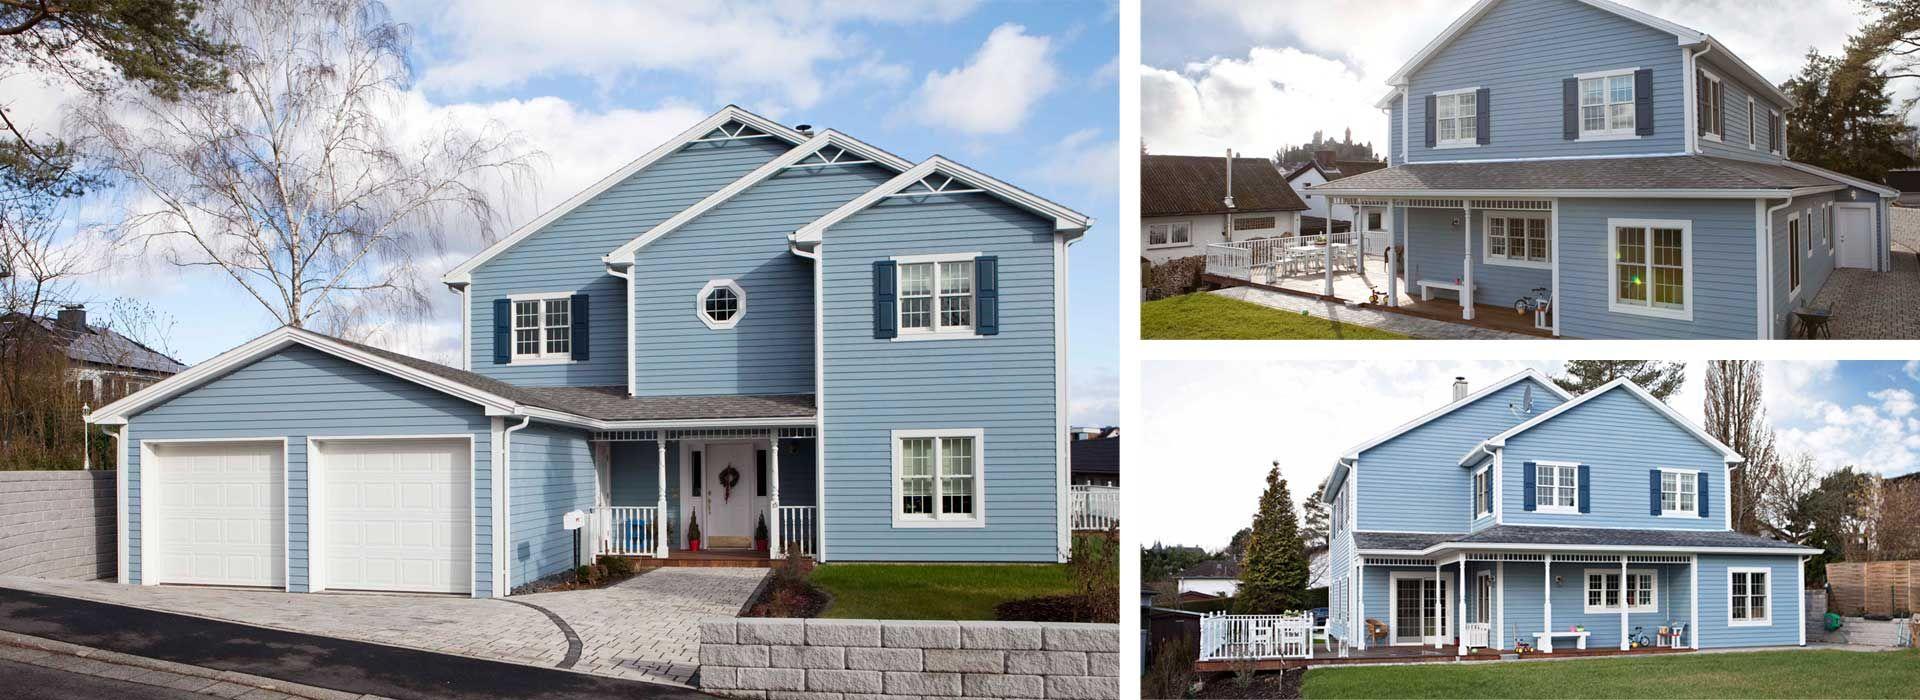 Traumhaus amerikanischer stil  BostonHaus - Amerikanische Häuser - Startseite | Home | Pinterest ...